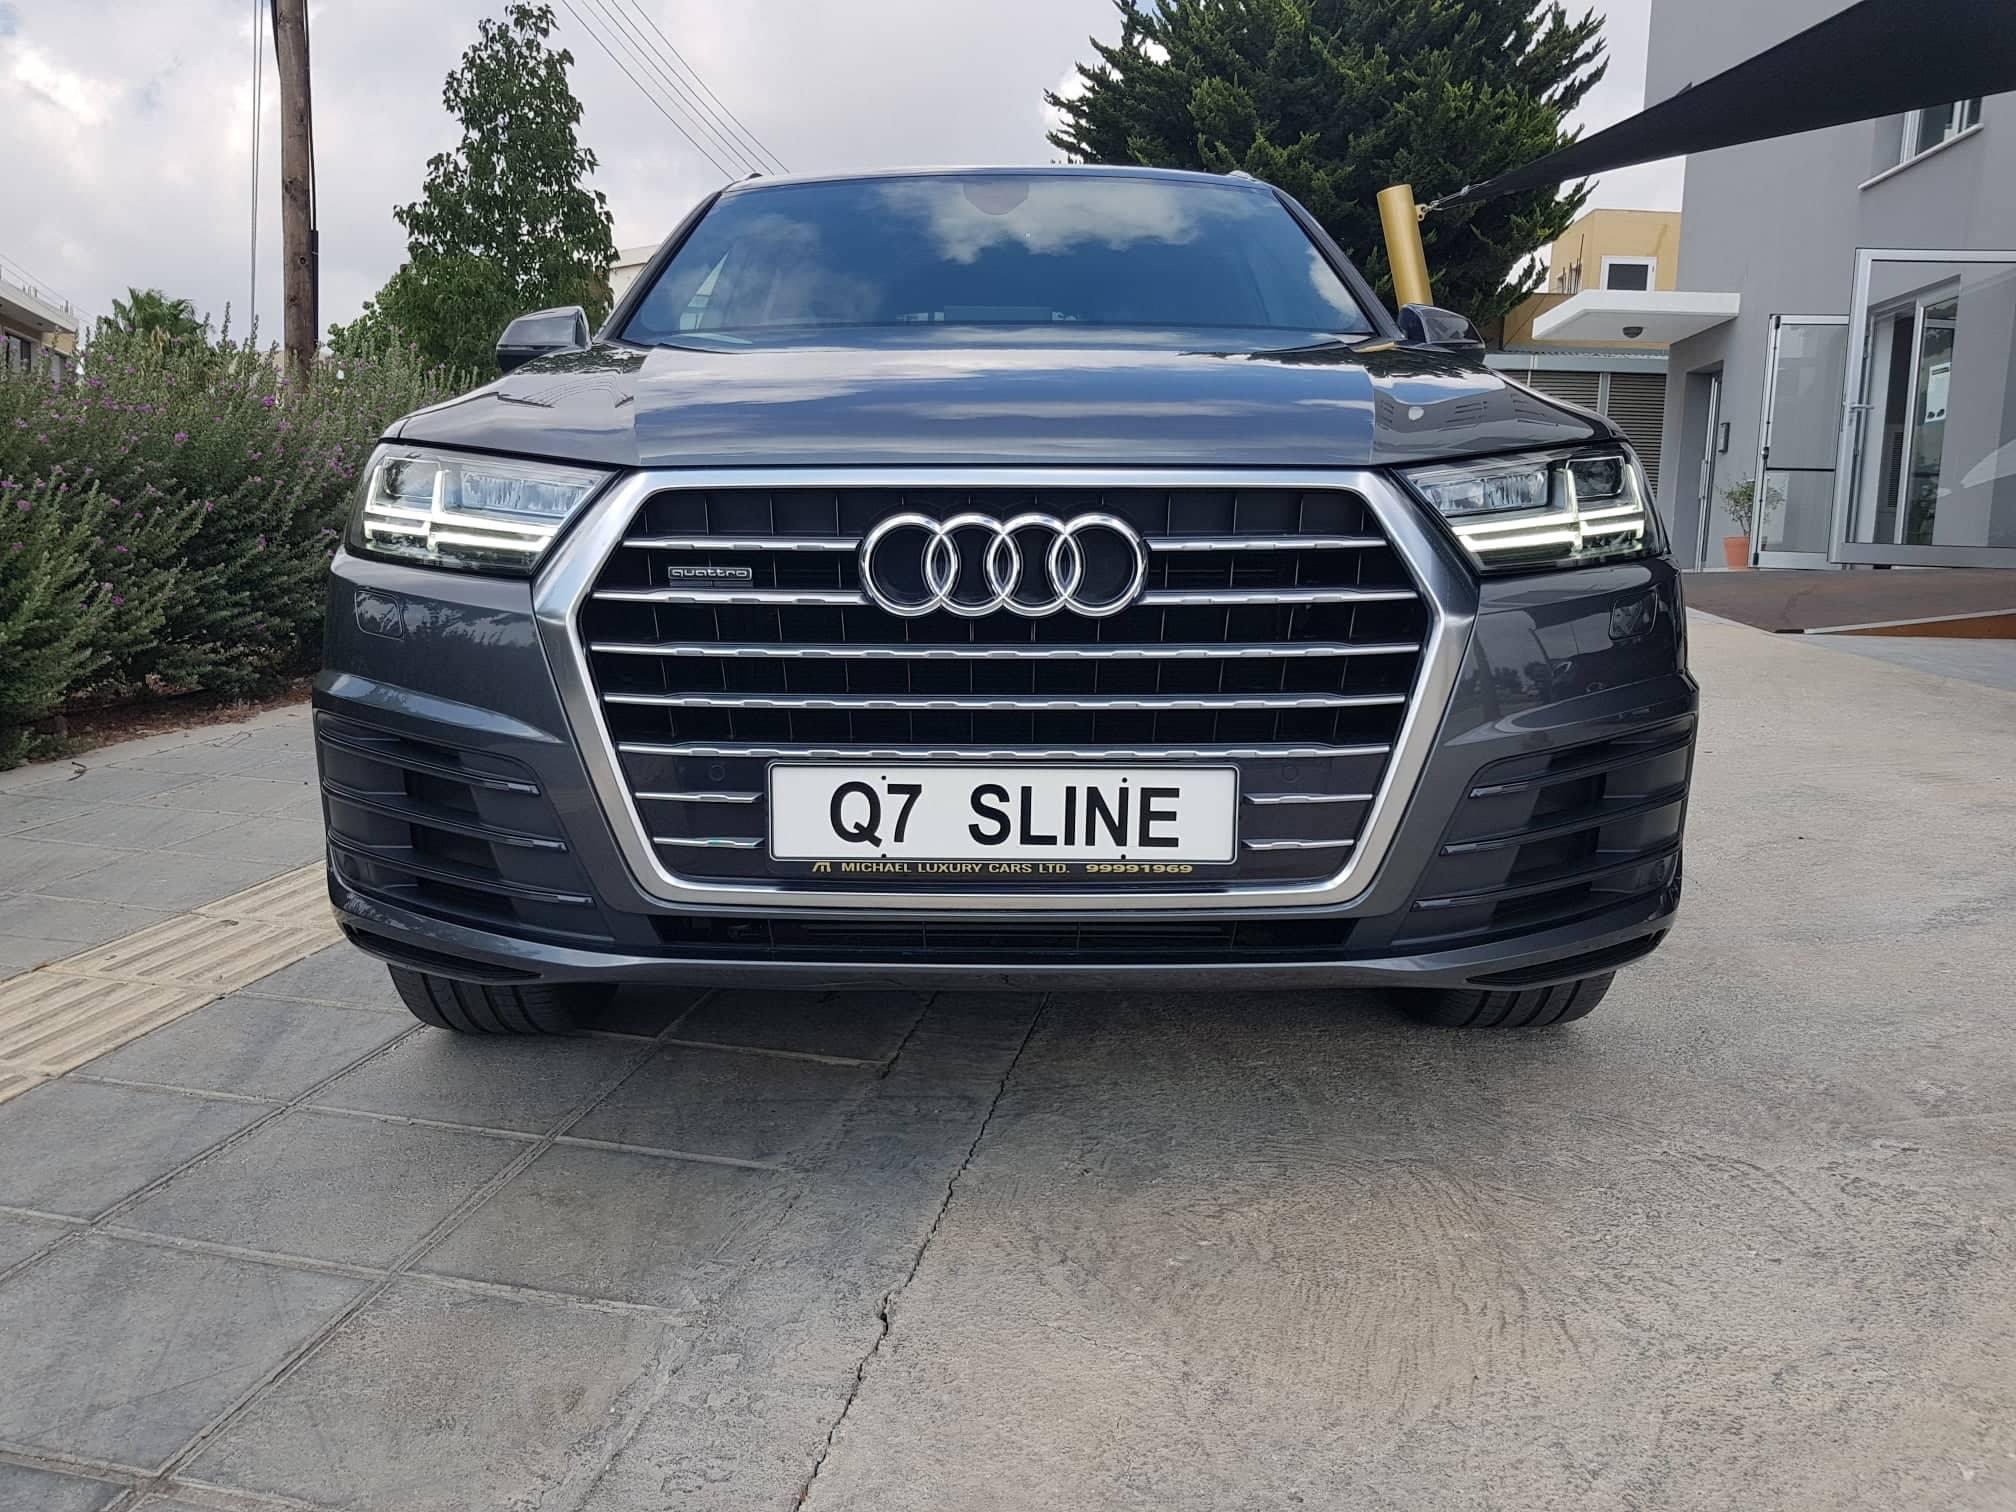 Audi Q7 Sline Quattro – 7 seats